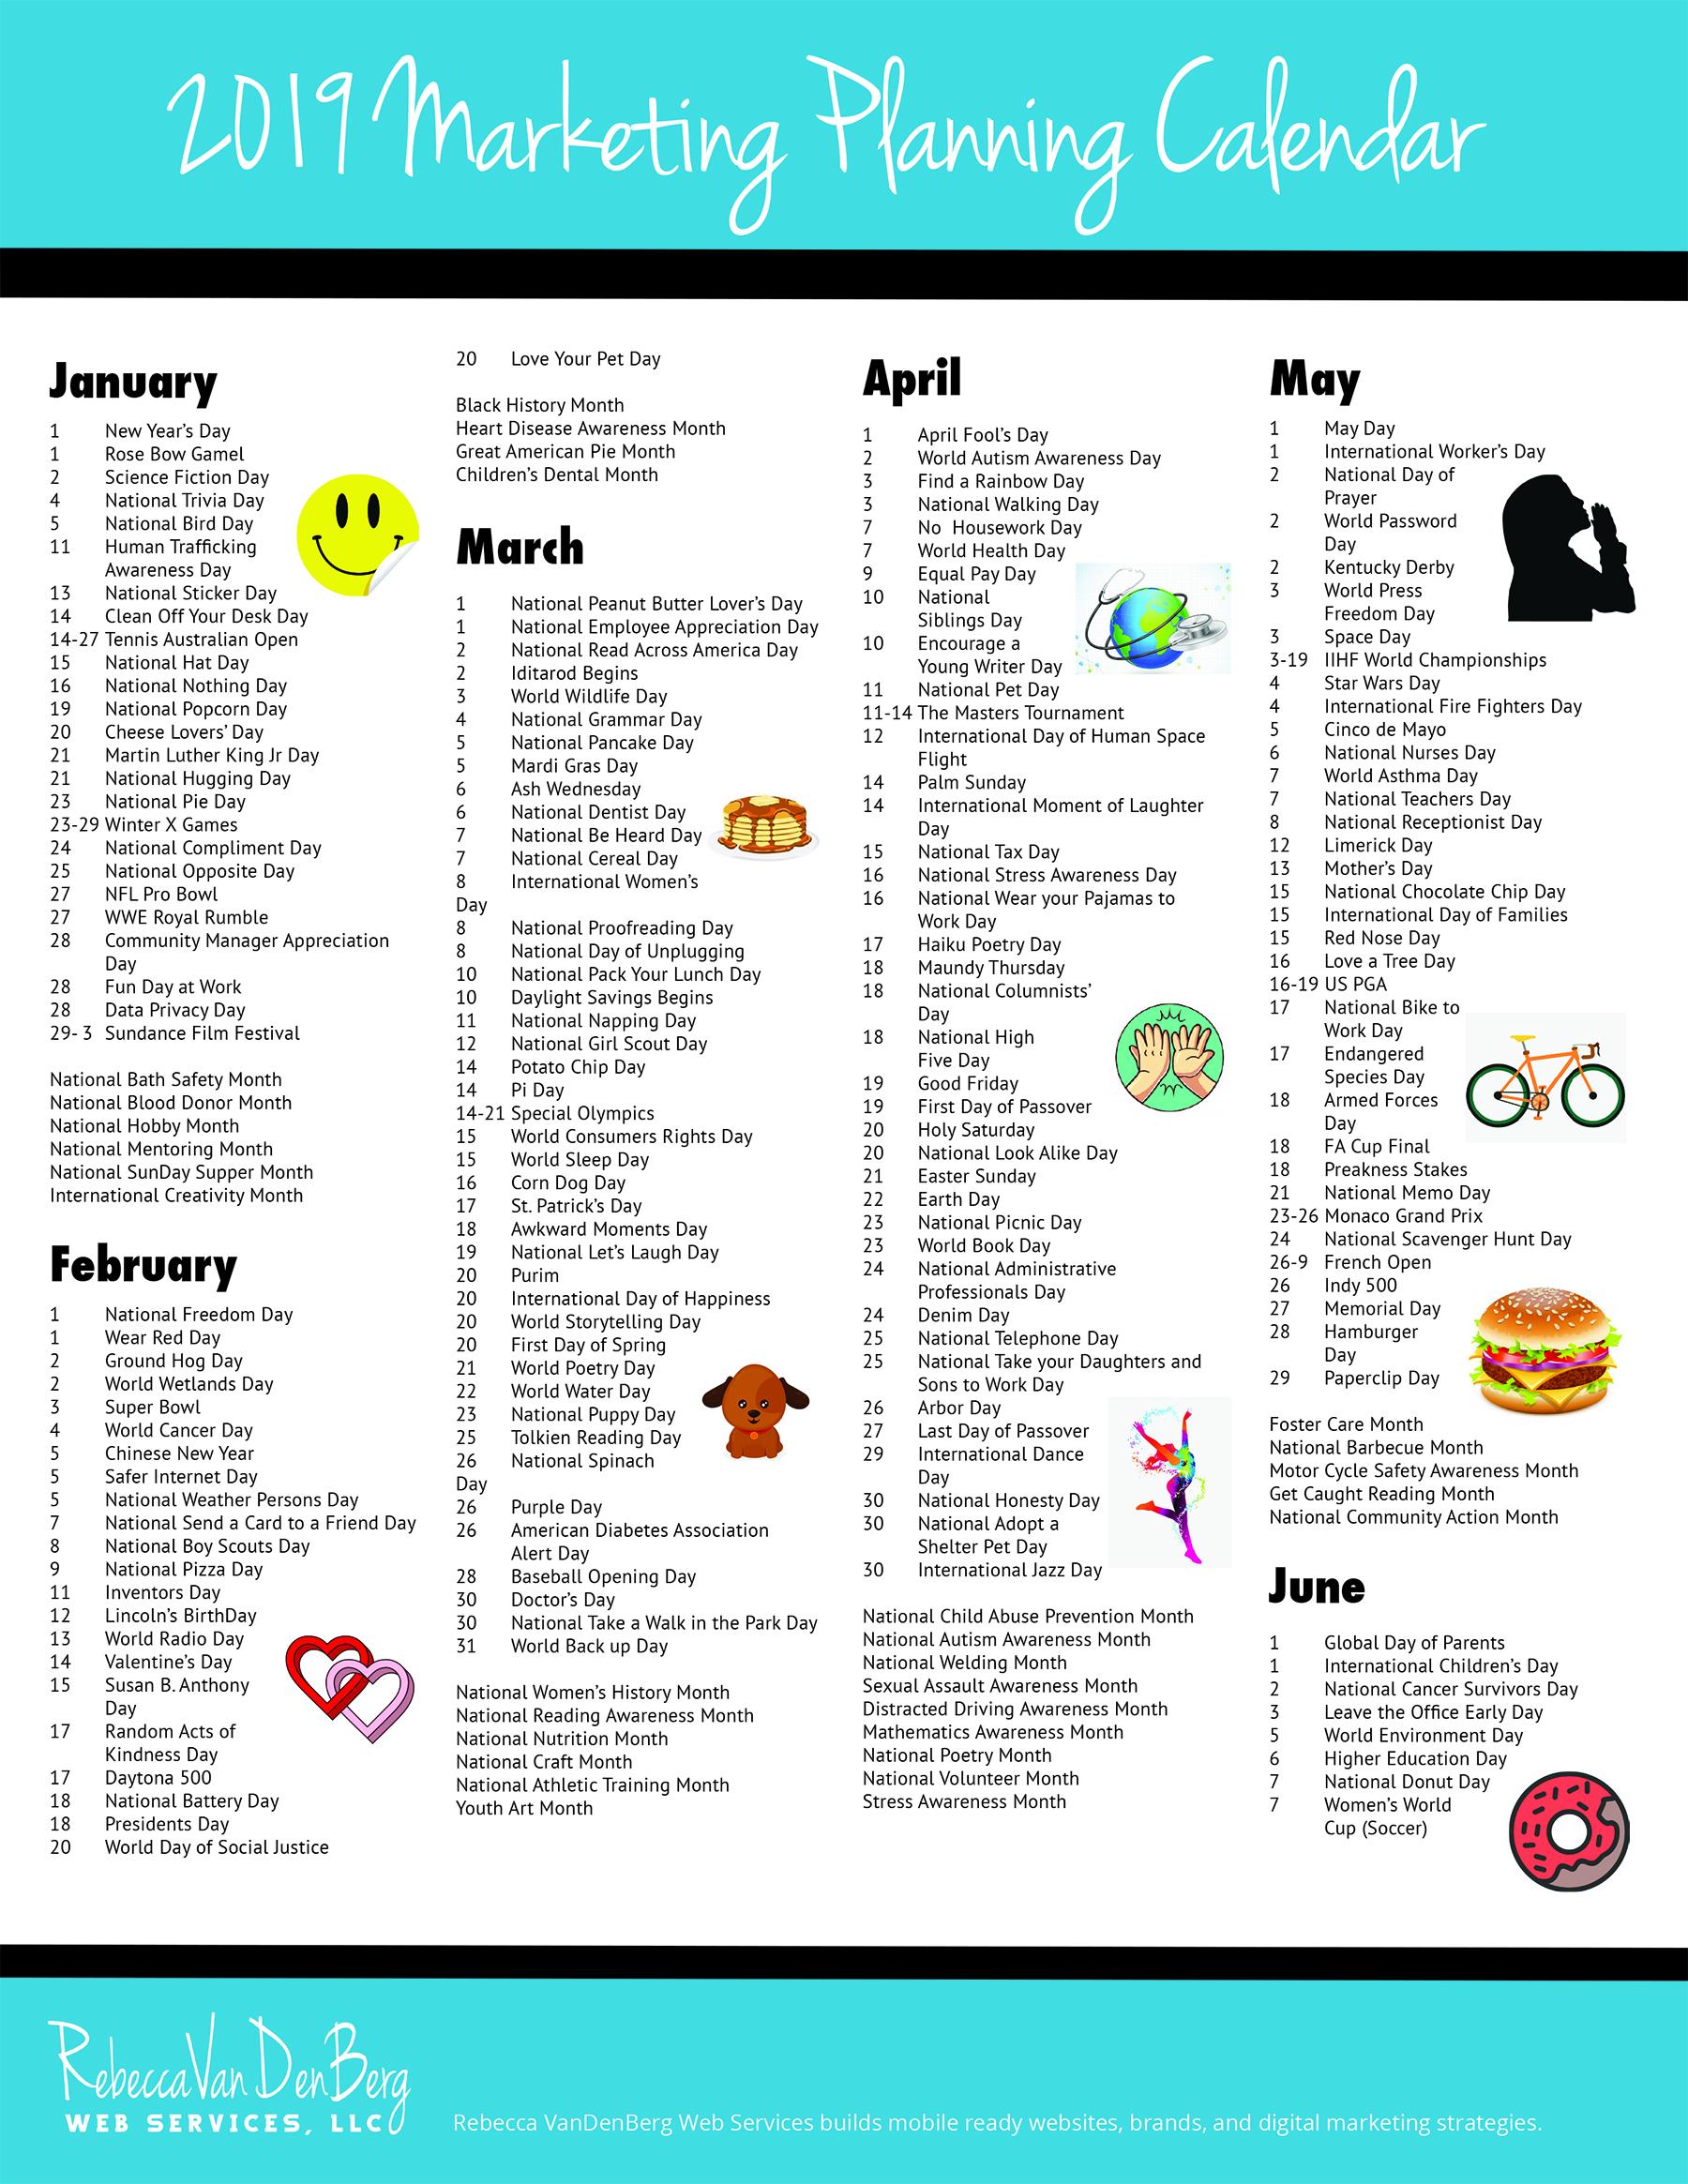 Awareness Month Calendar 2019 2019 Marketing Planning Calendar   VanDenBerg Web + Creative